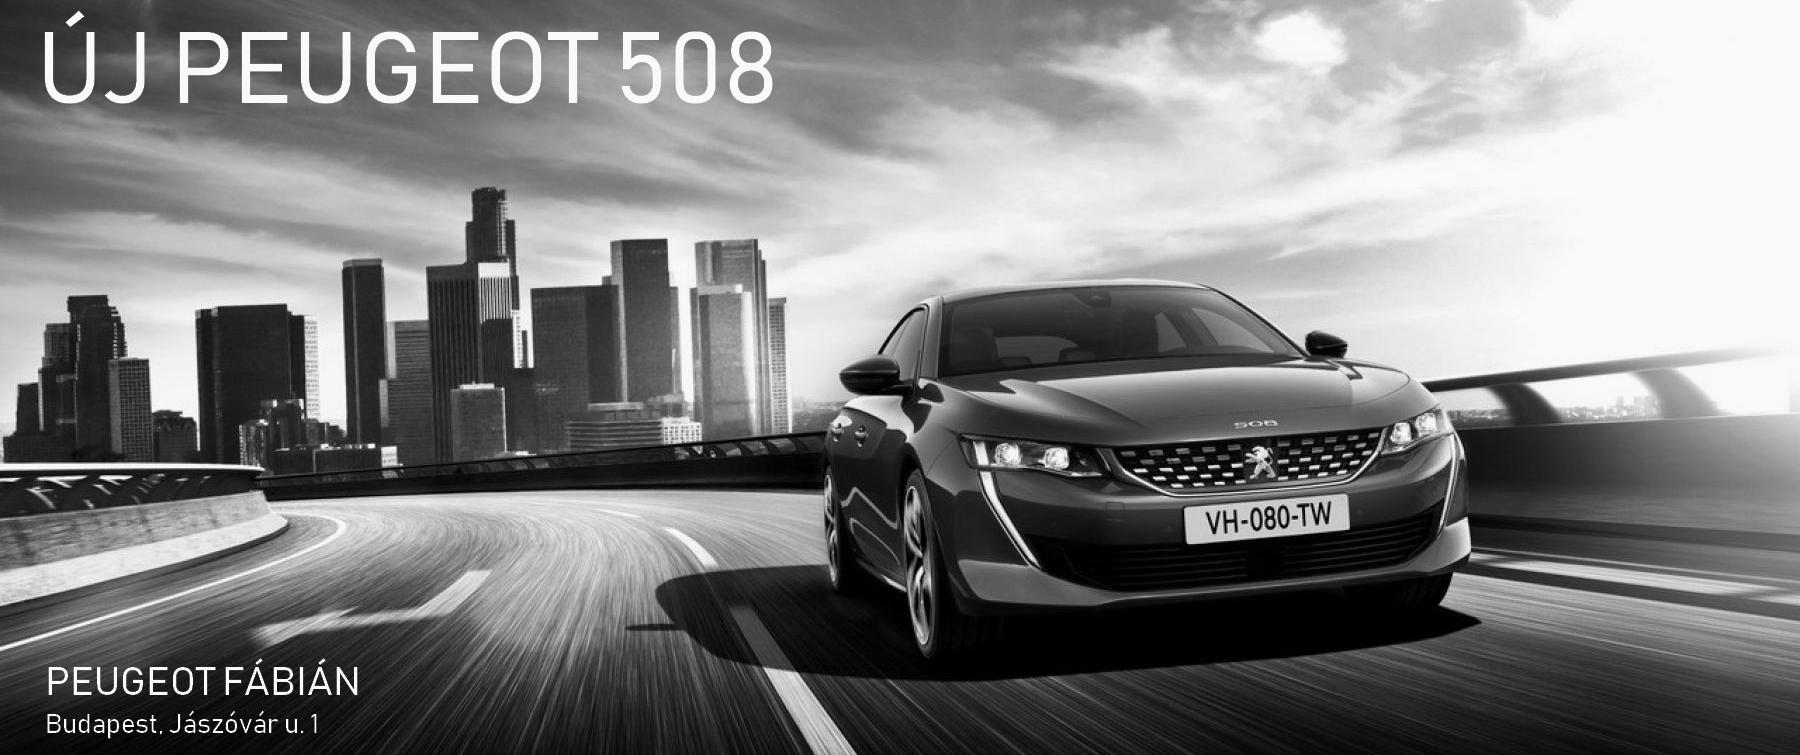 Megérkezett az új Peugeot 508 SW